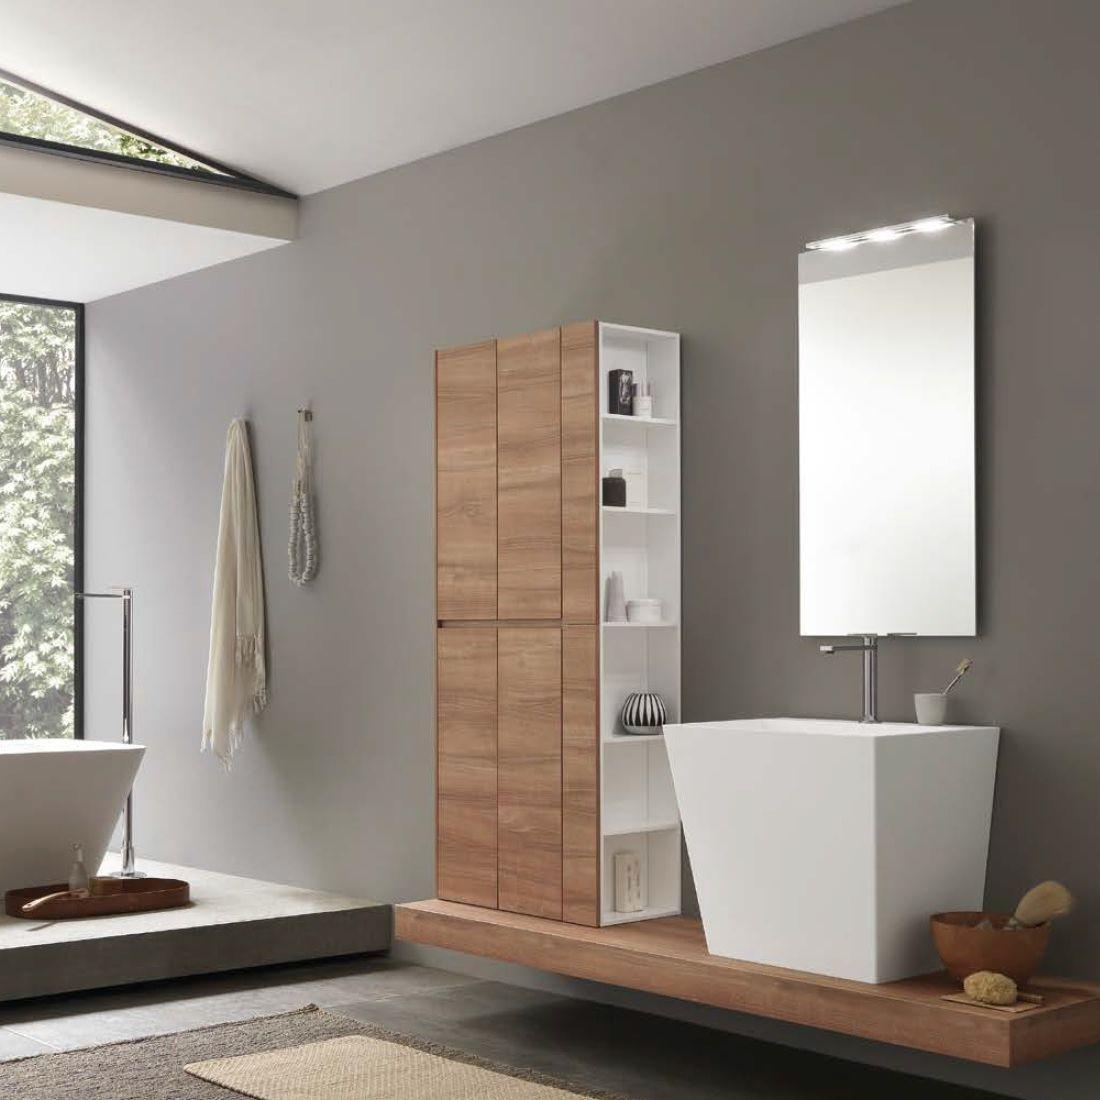 Säulenschrank für Badezimmer / modern - TULLE COMP_14 - ARCHEDA